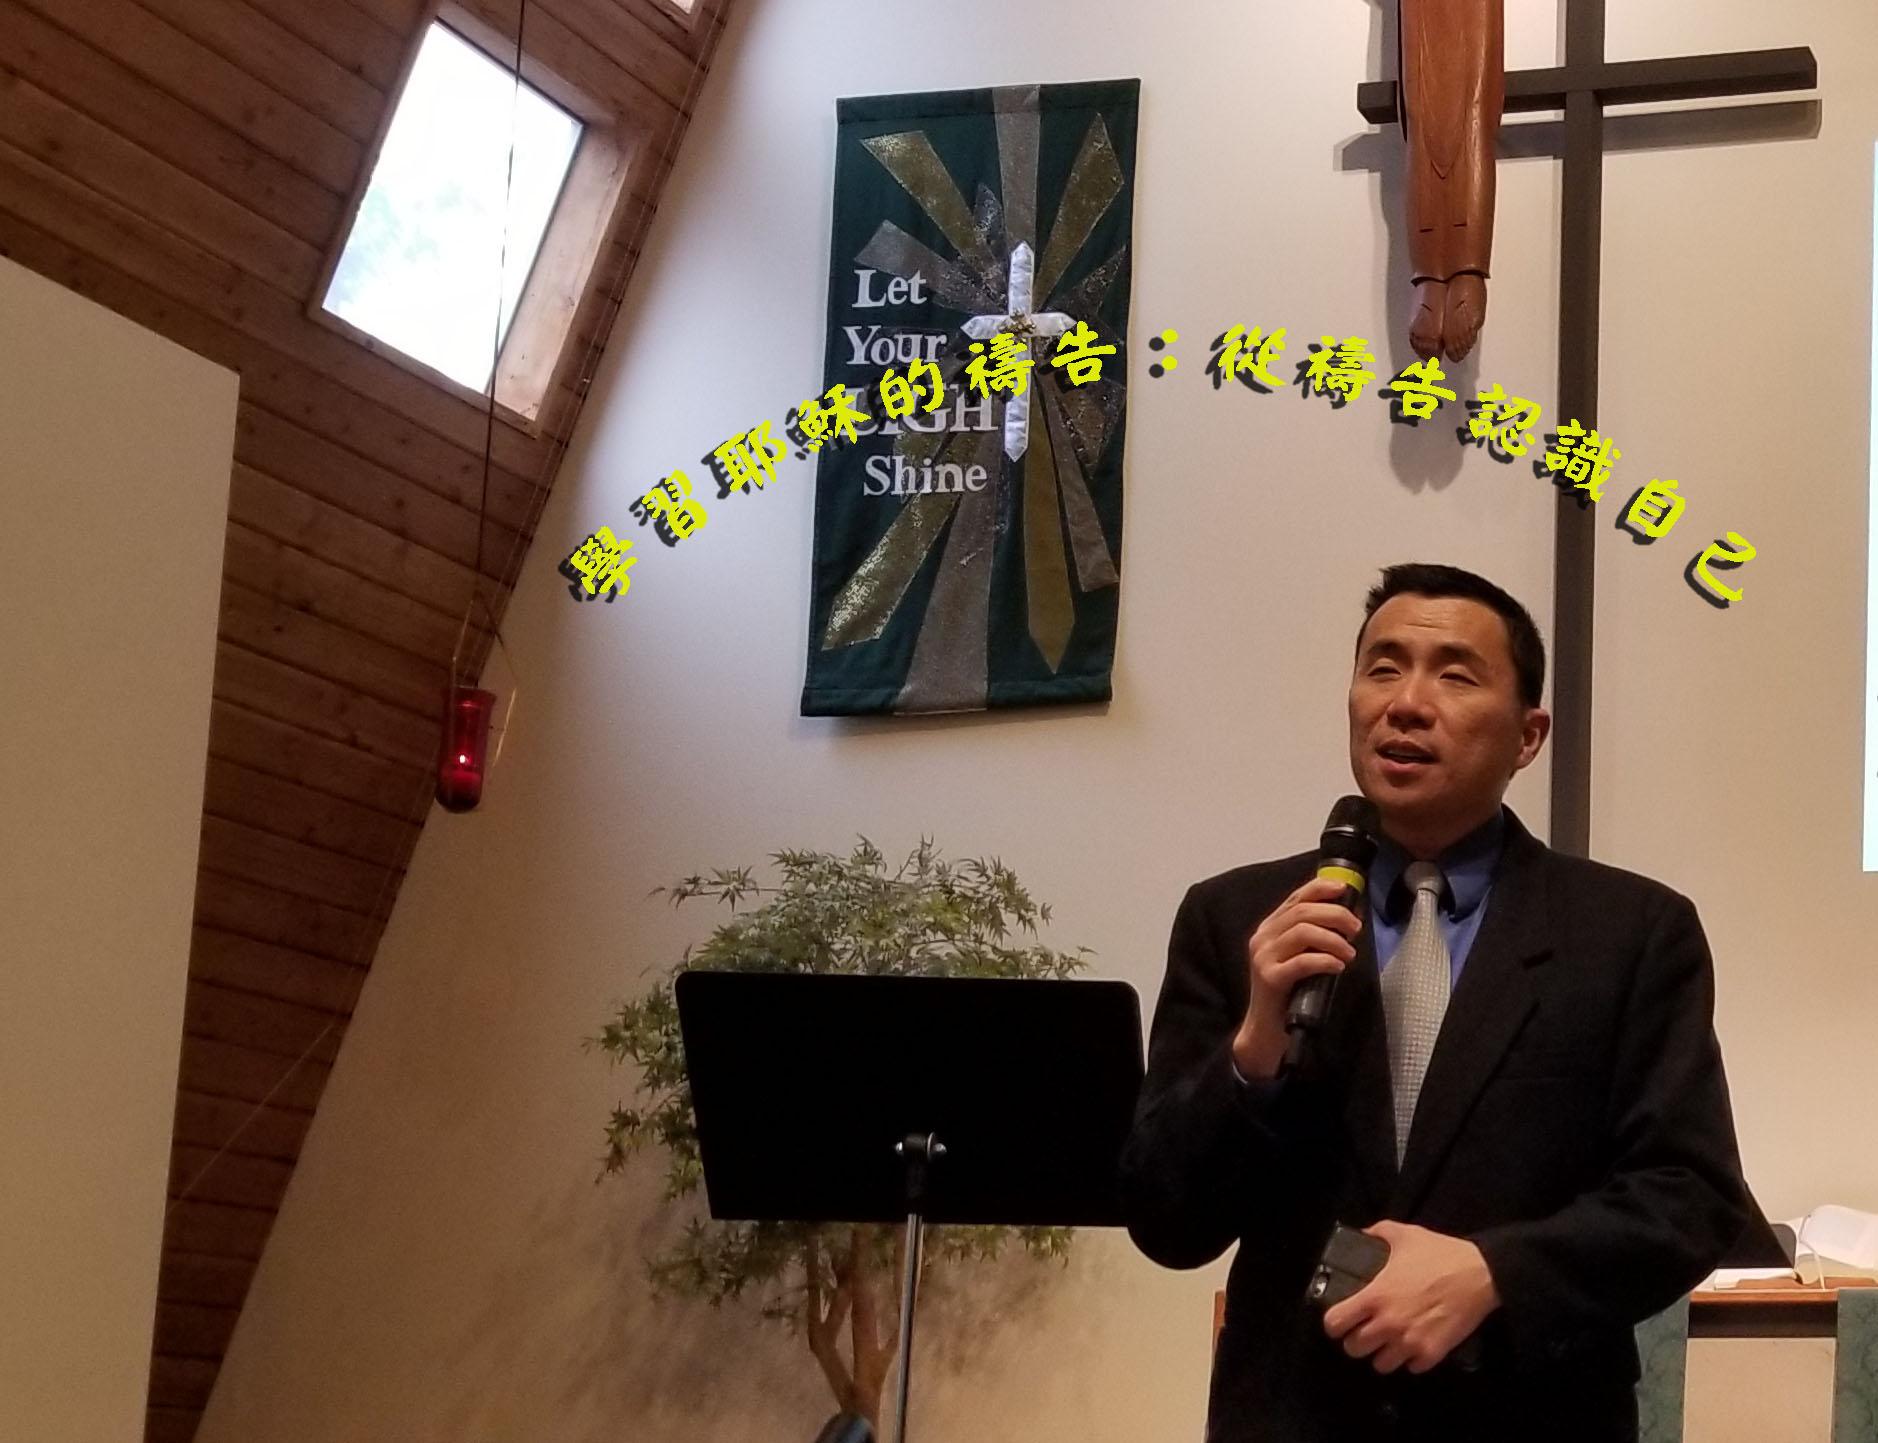 學習耶穌的禱告:從禱告認識自己